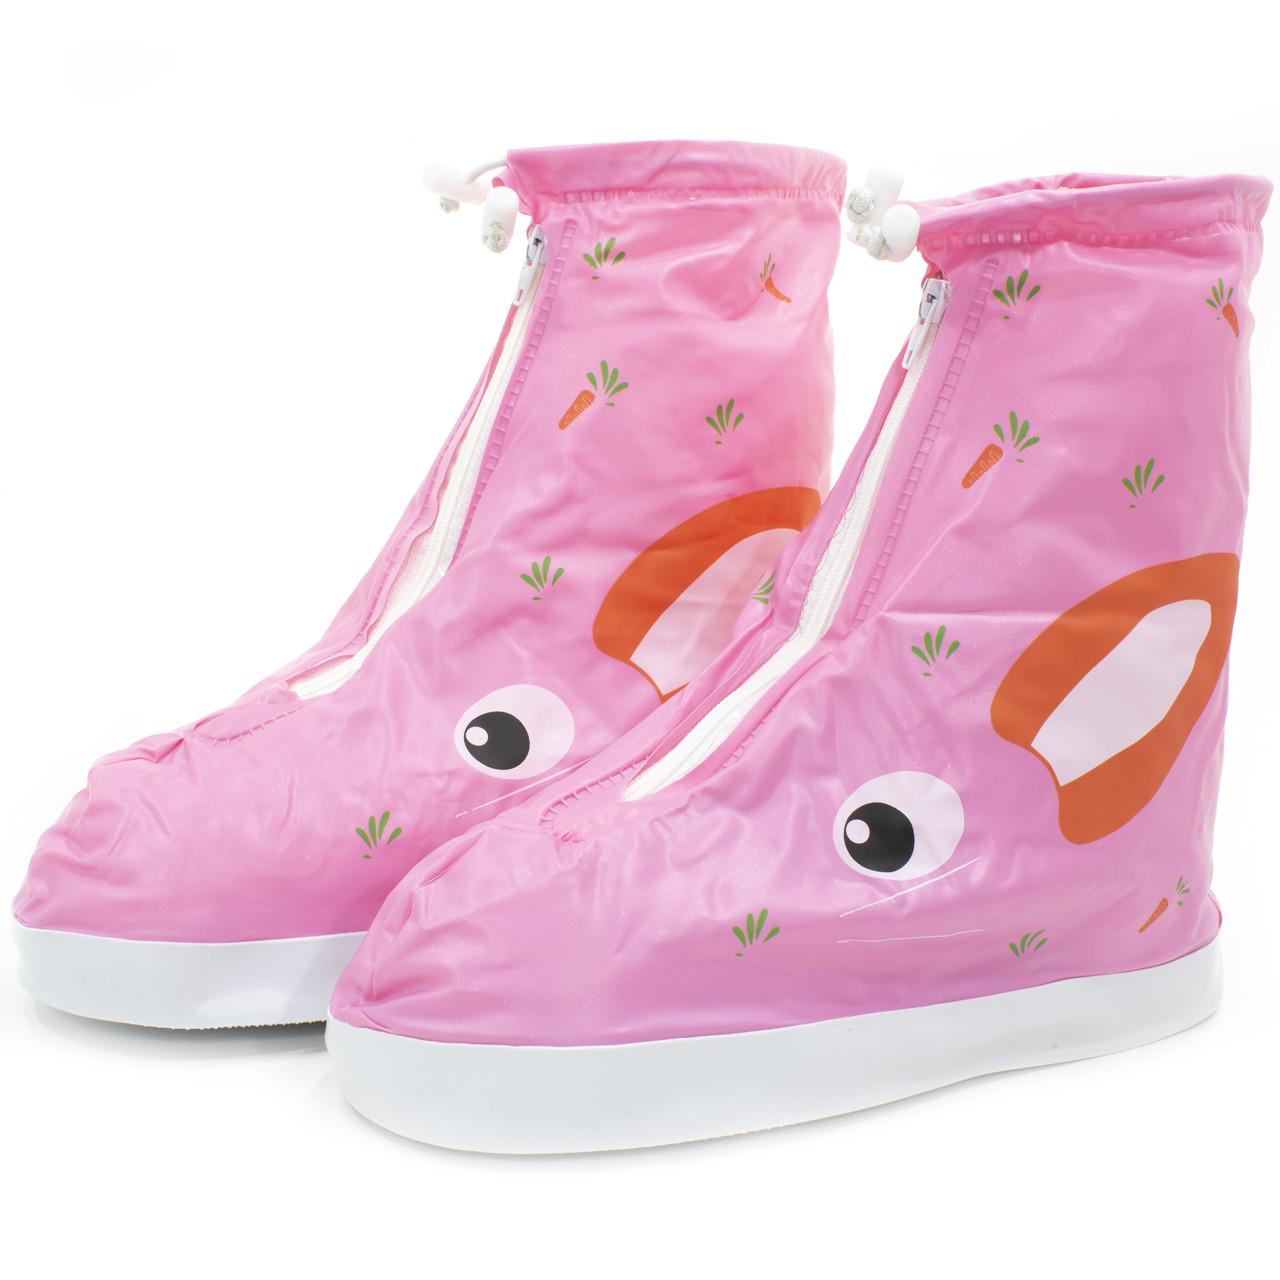 Детские резиновые бахилы Lesko размер S на обувь от дождя и грязи Кролик розовый на змейке и затяжках